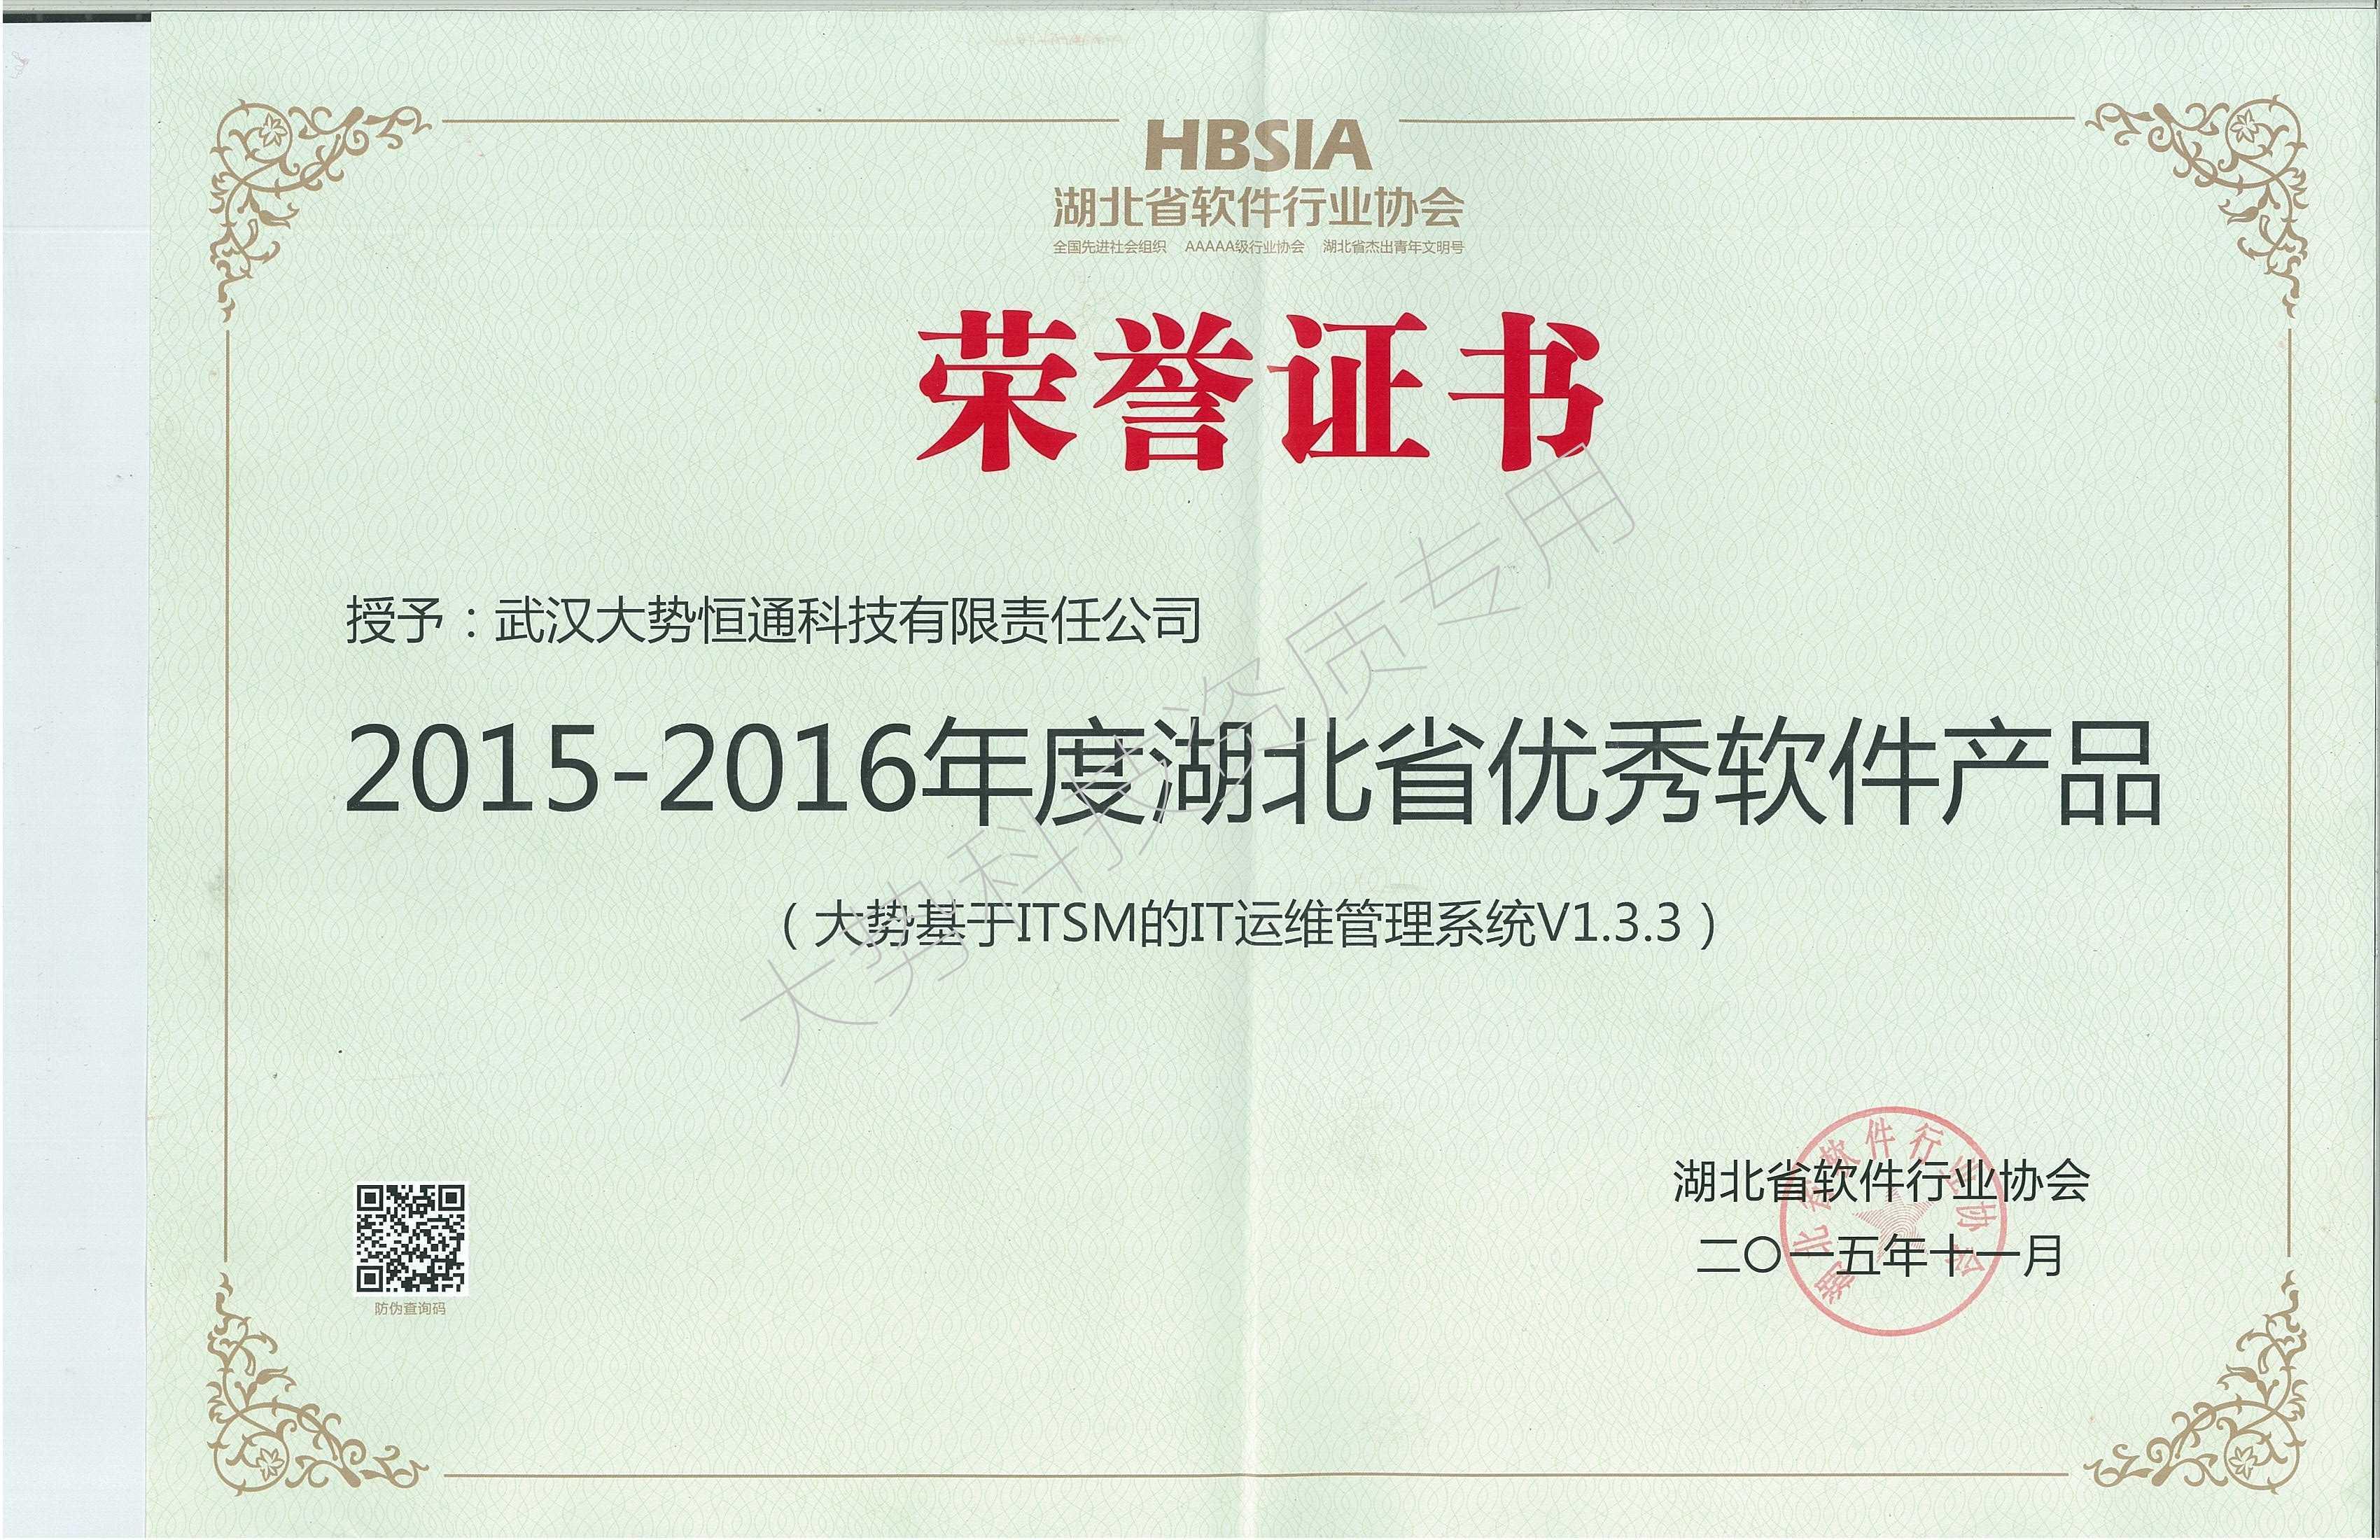 新建文件夹-GS-A-ZZ-20151101-1-2015-2016湖北省优秀软件产品荣誉证书_副本